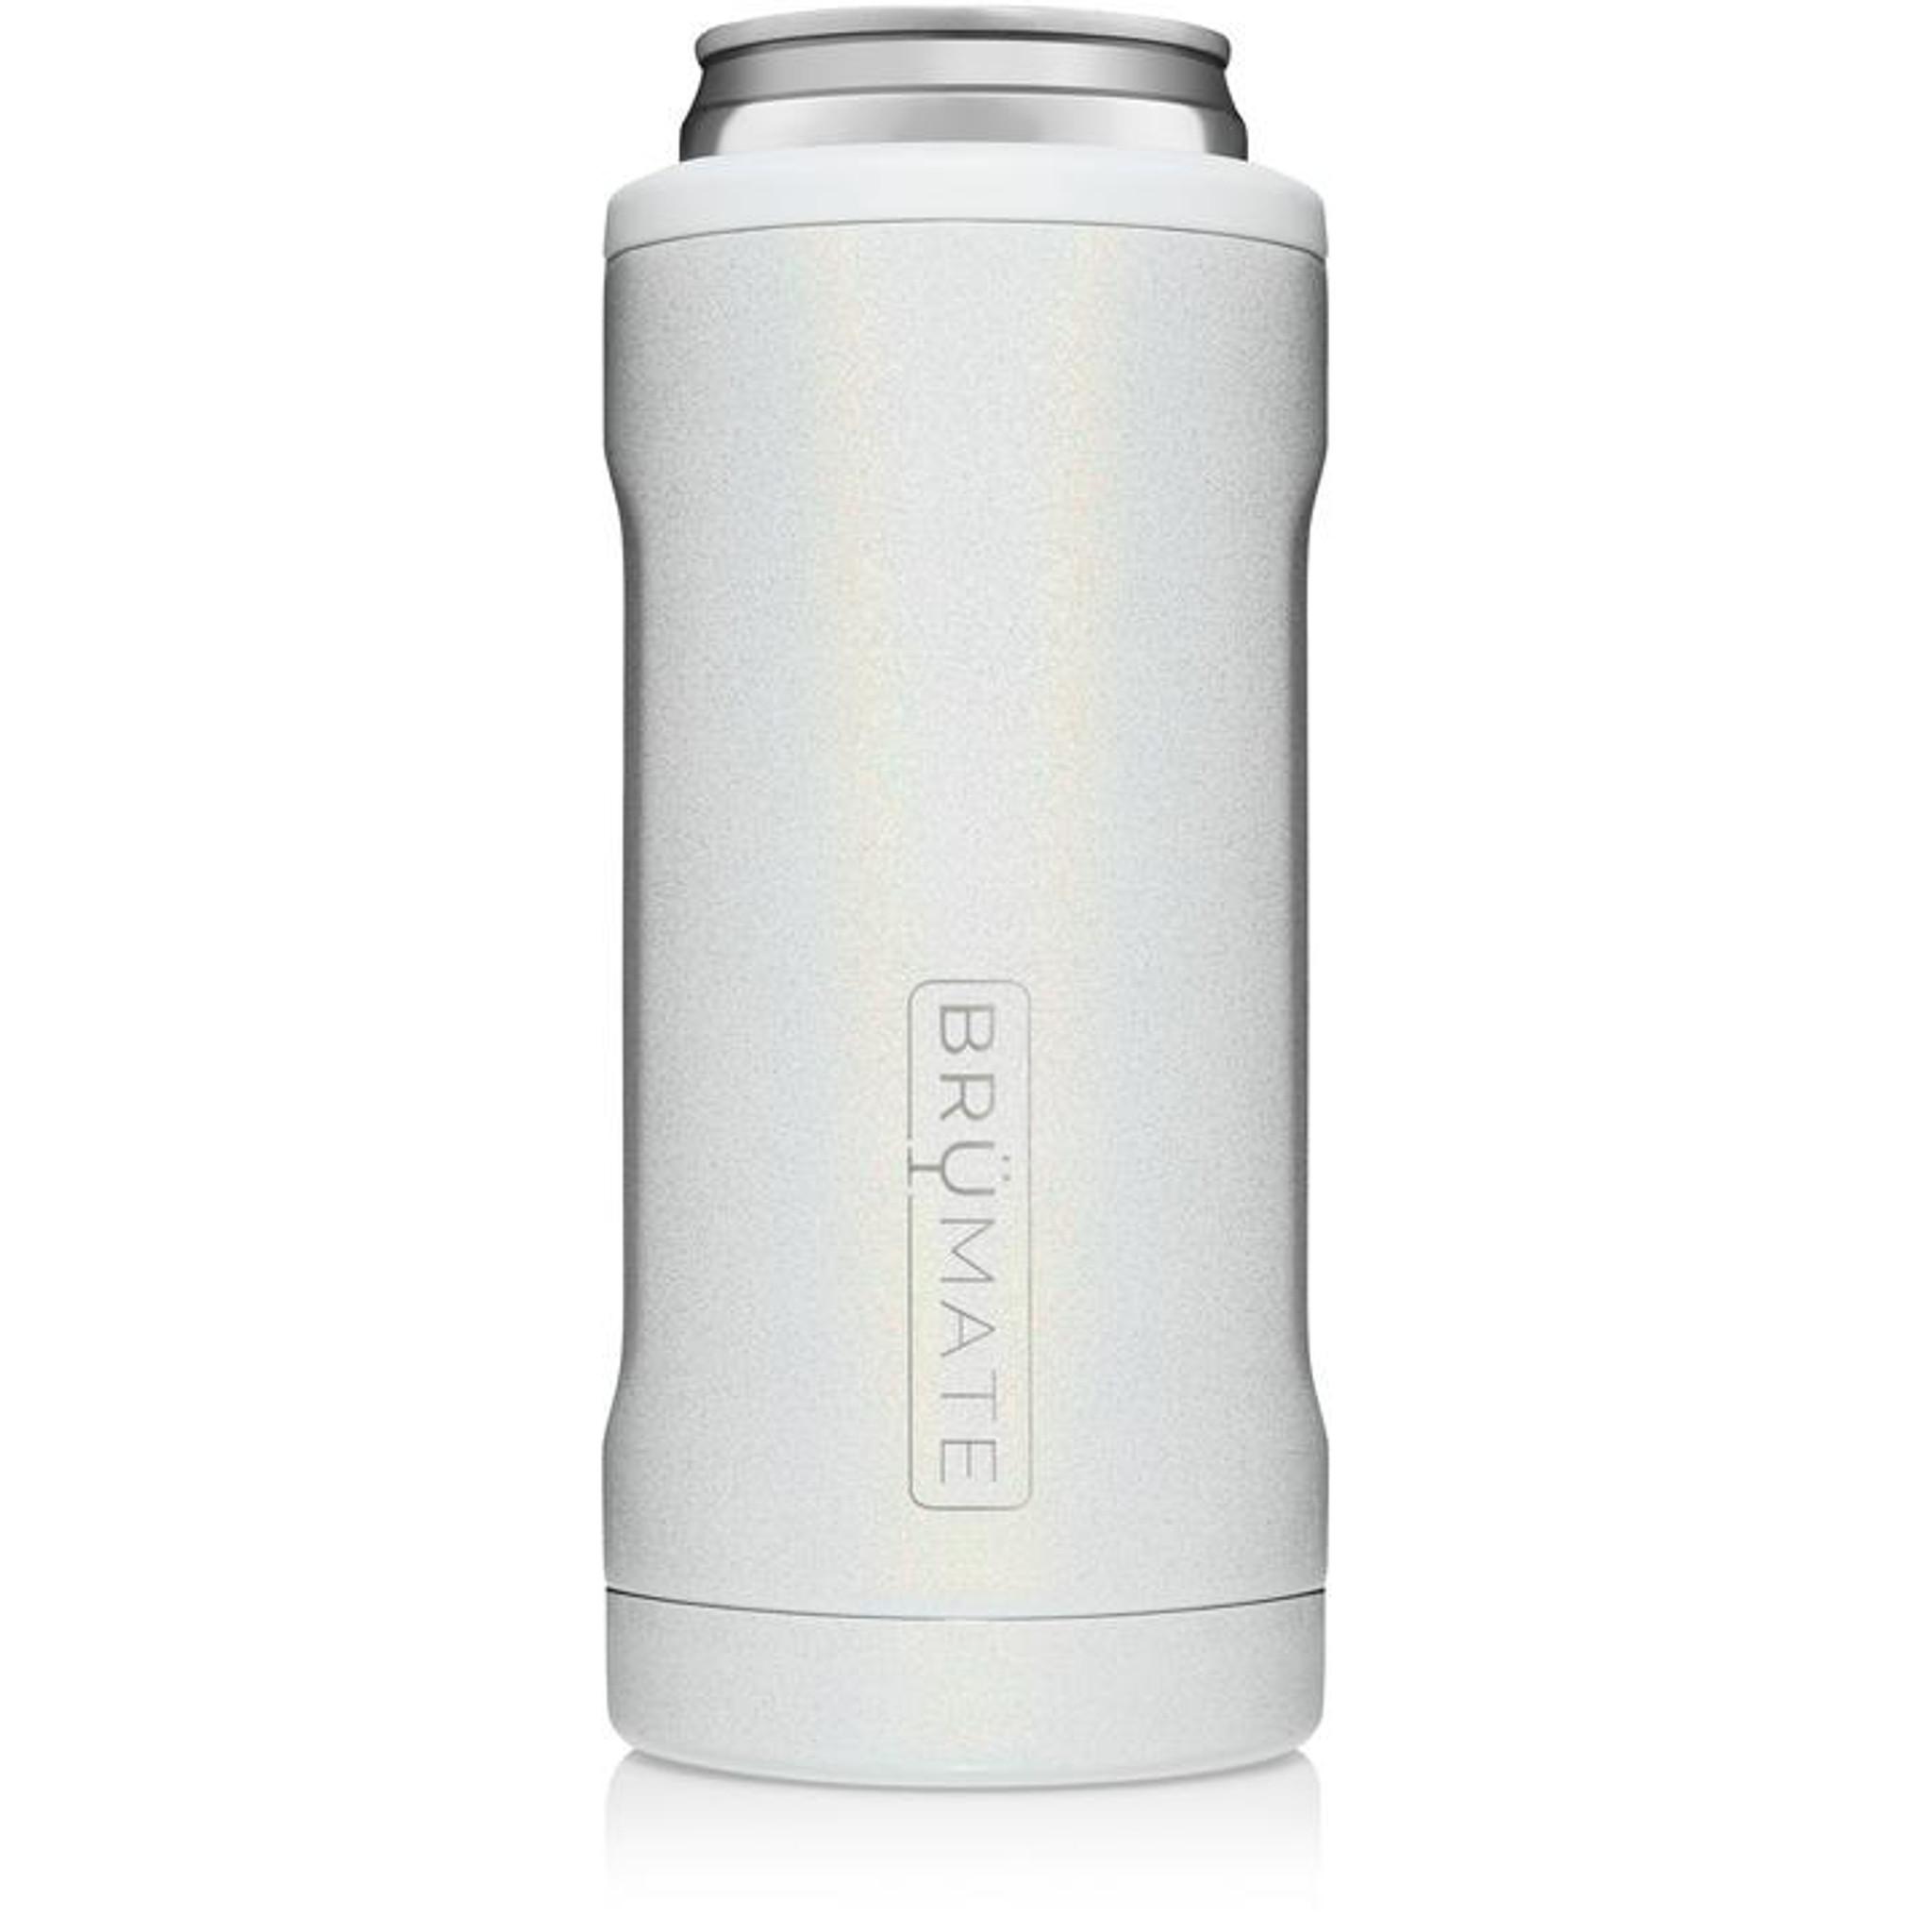 Brumate Slim Hopsulator - Glitter White